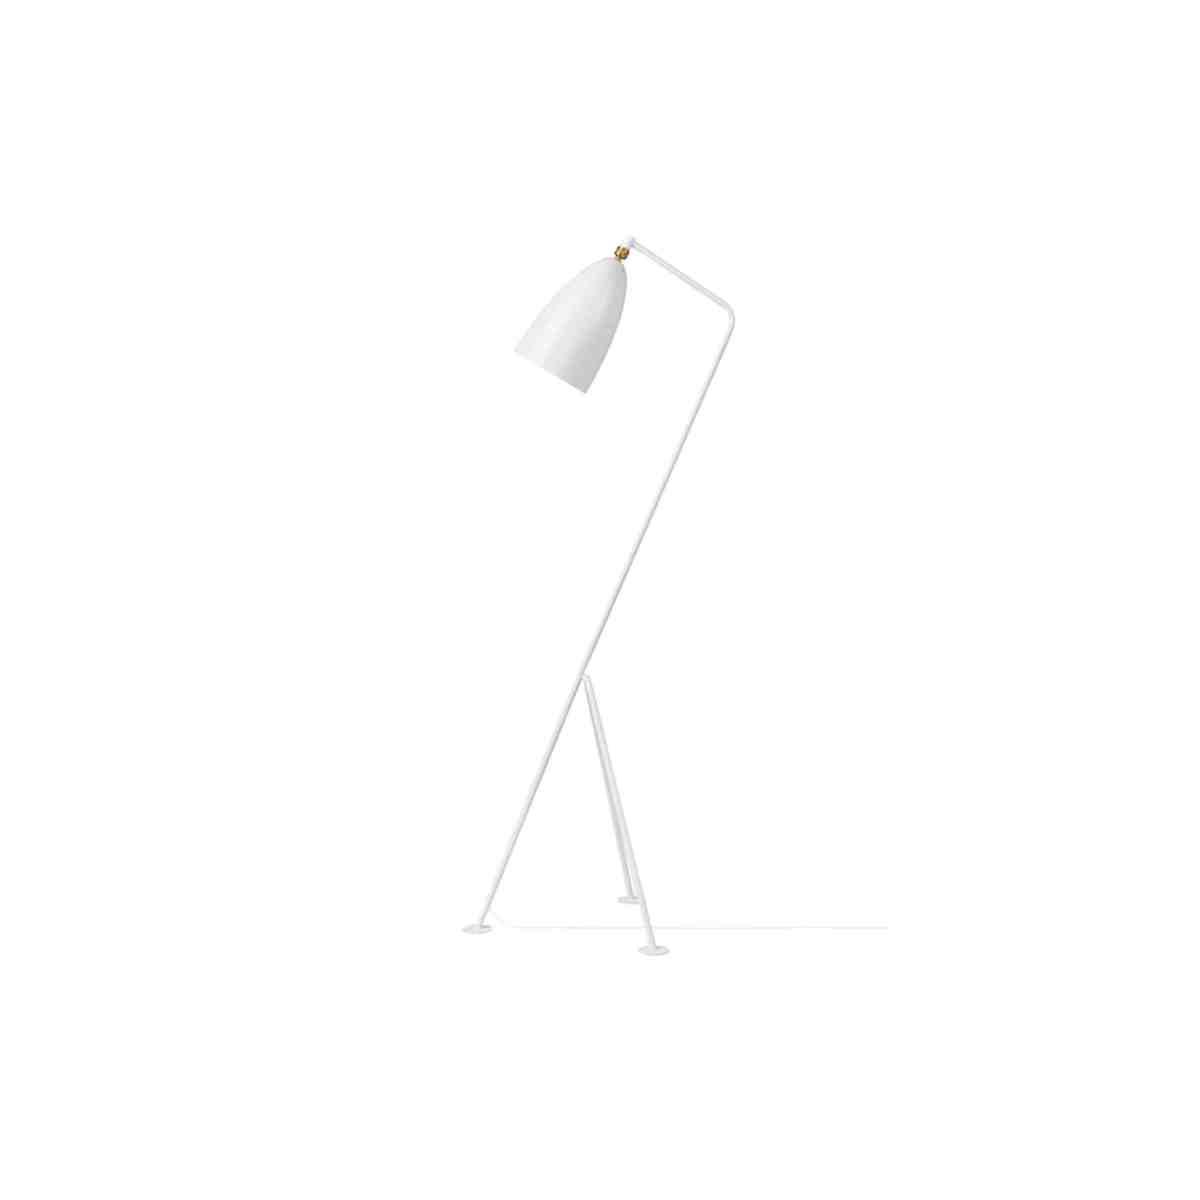 gubi-grashoppa-floor-lamp-matt-white-001